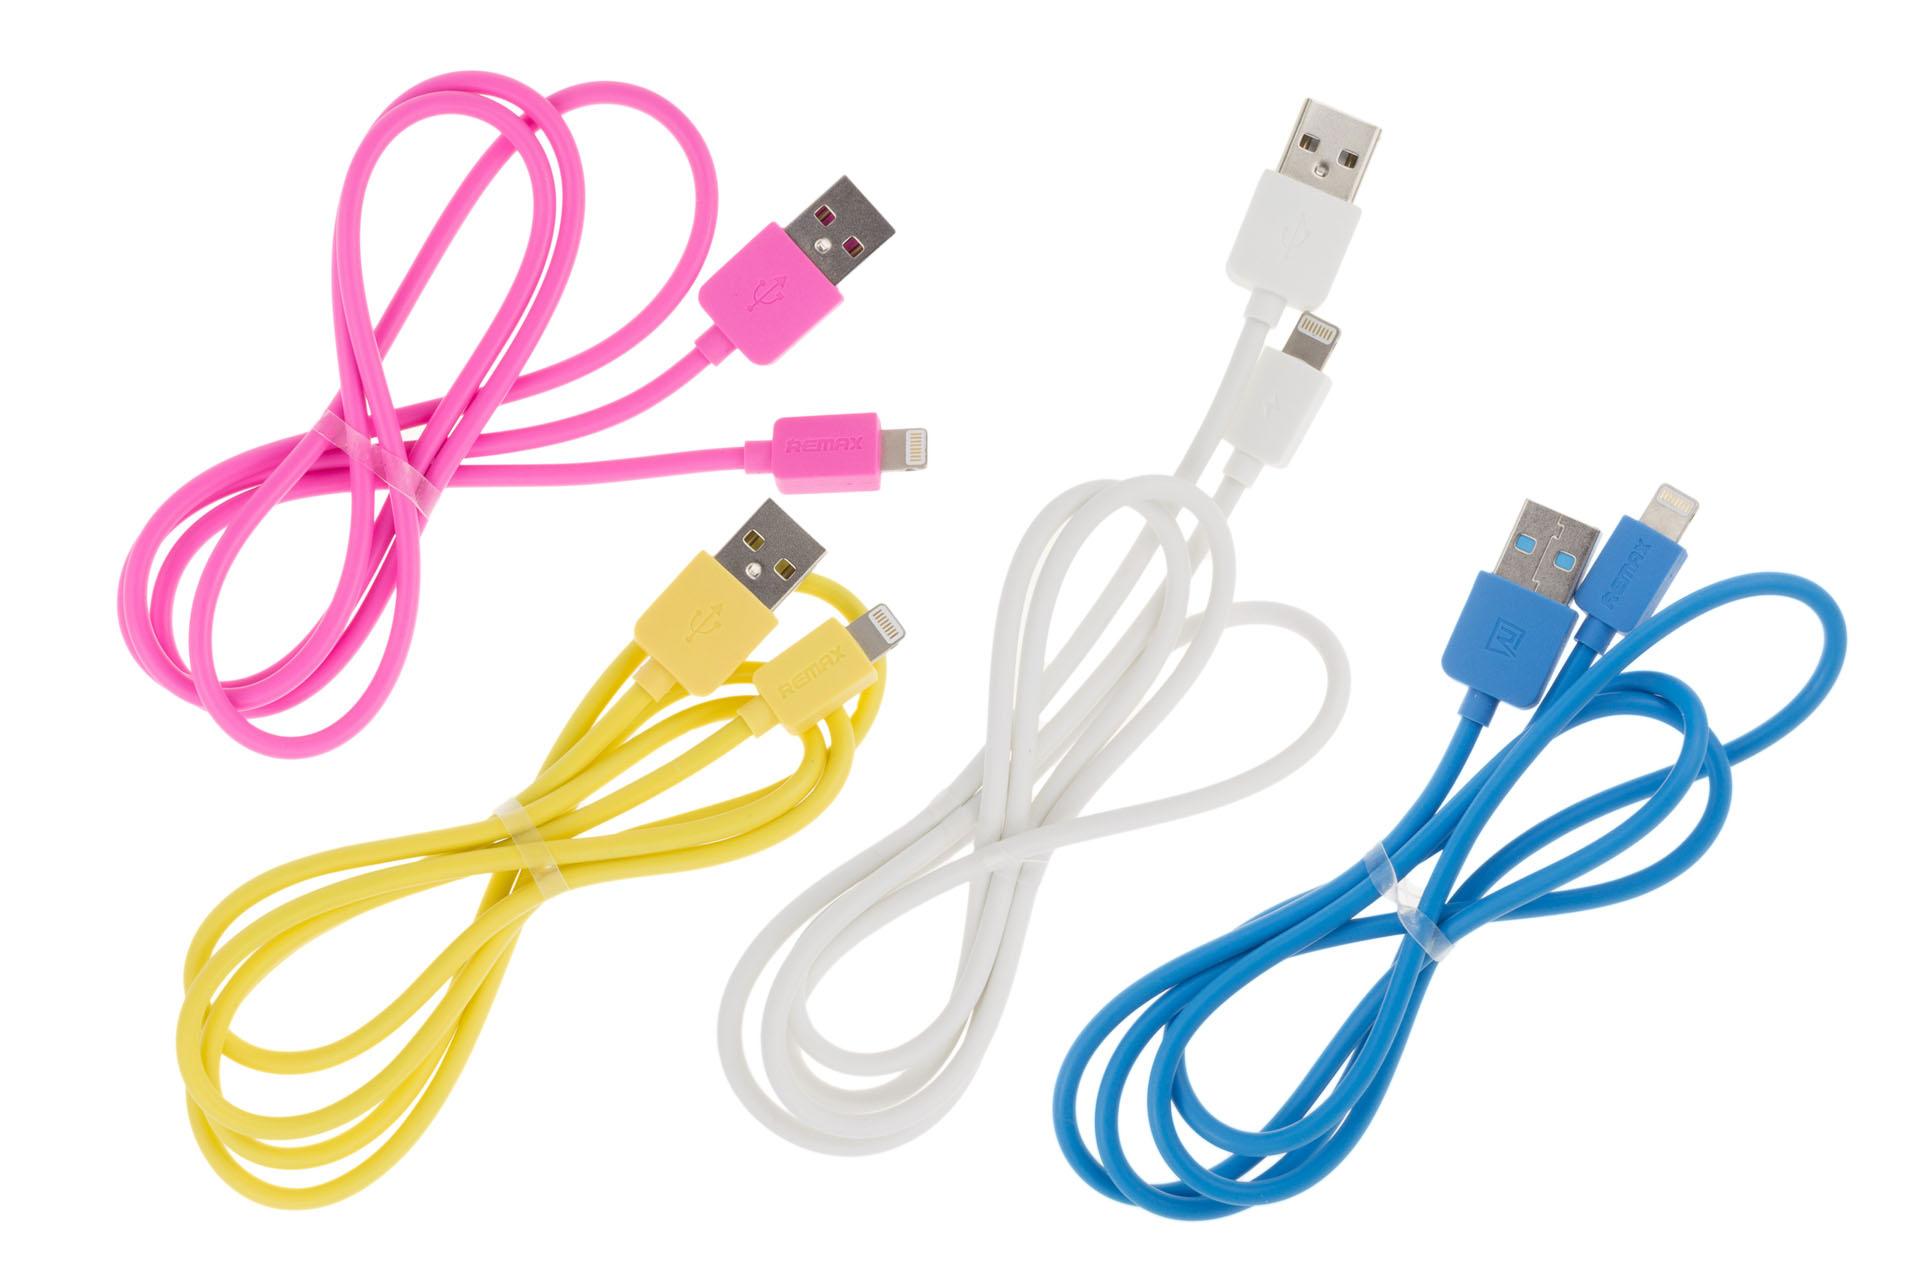 KABLE USB i AKCESORIA DO TELEFONÓW